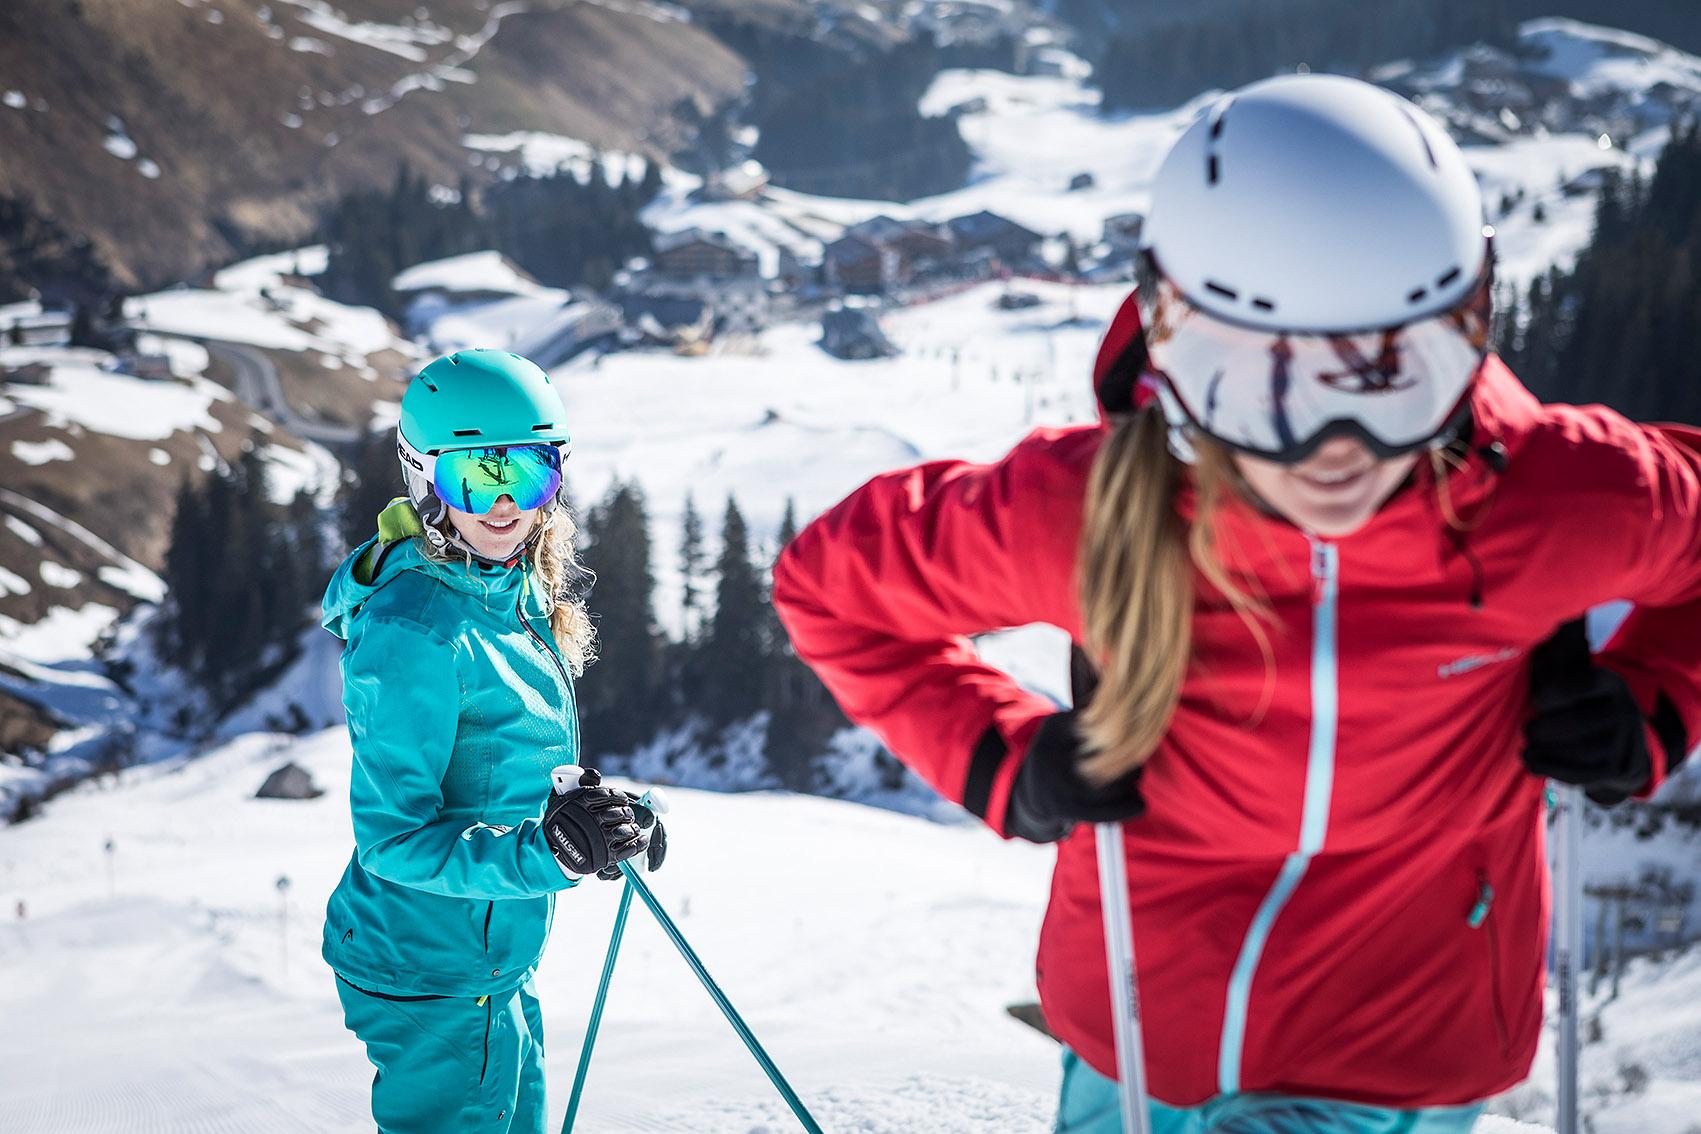 Profesjonalny sprzęt narciarski - jak znaleźć?